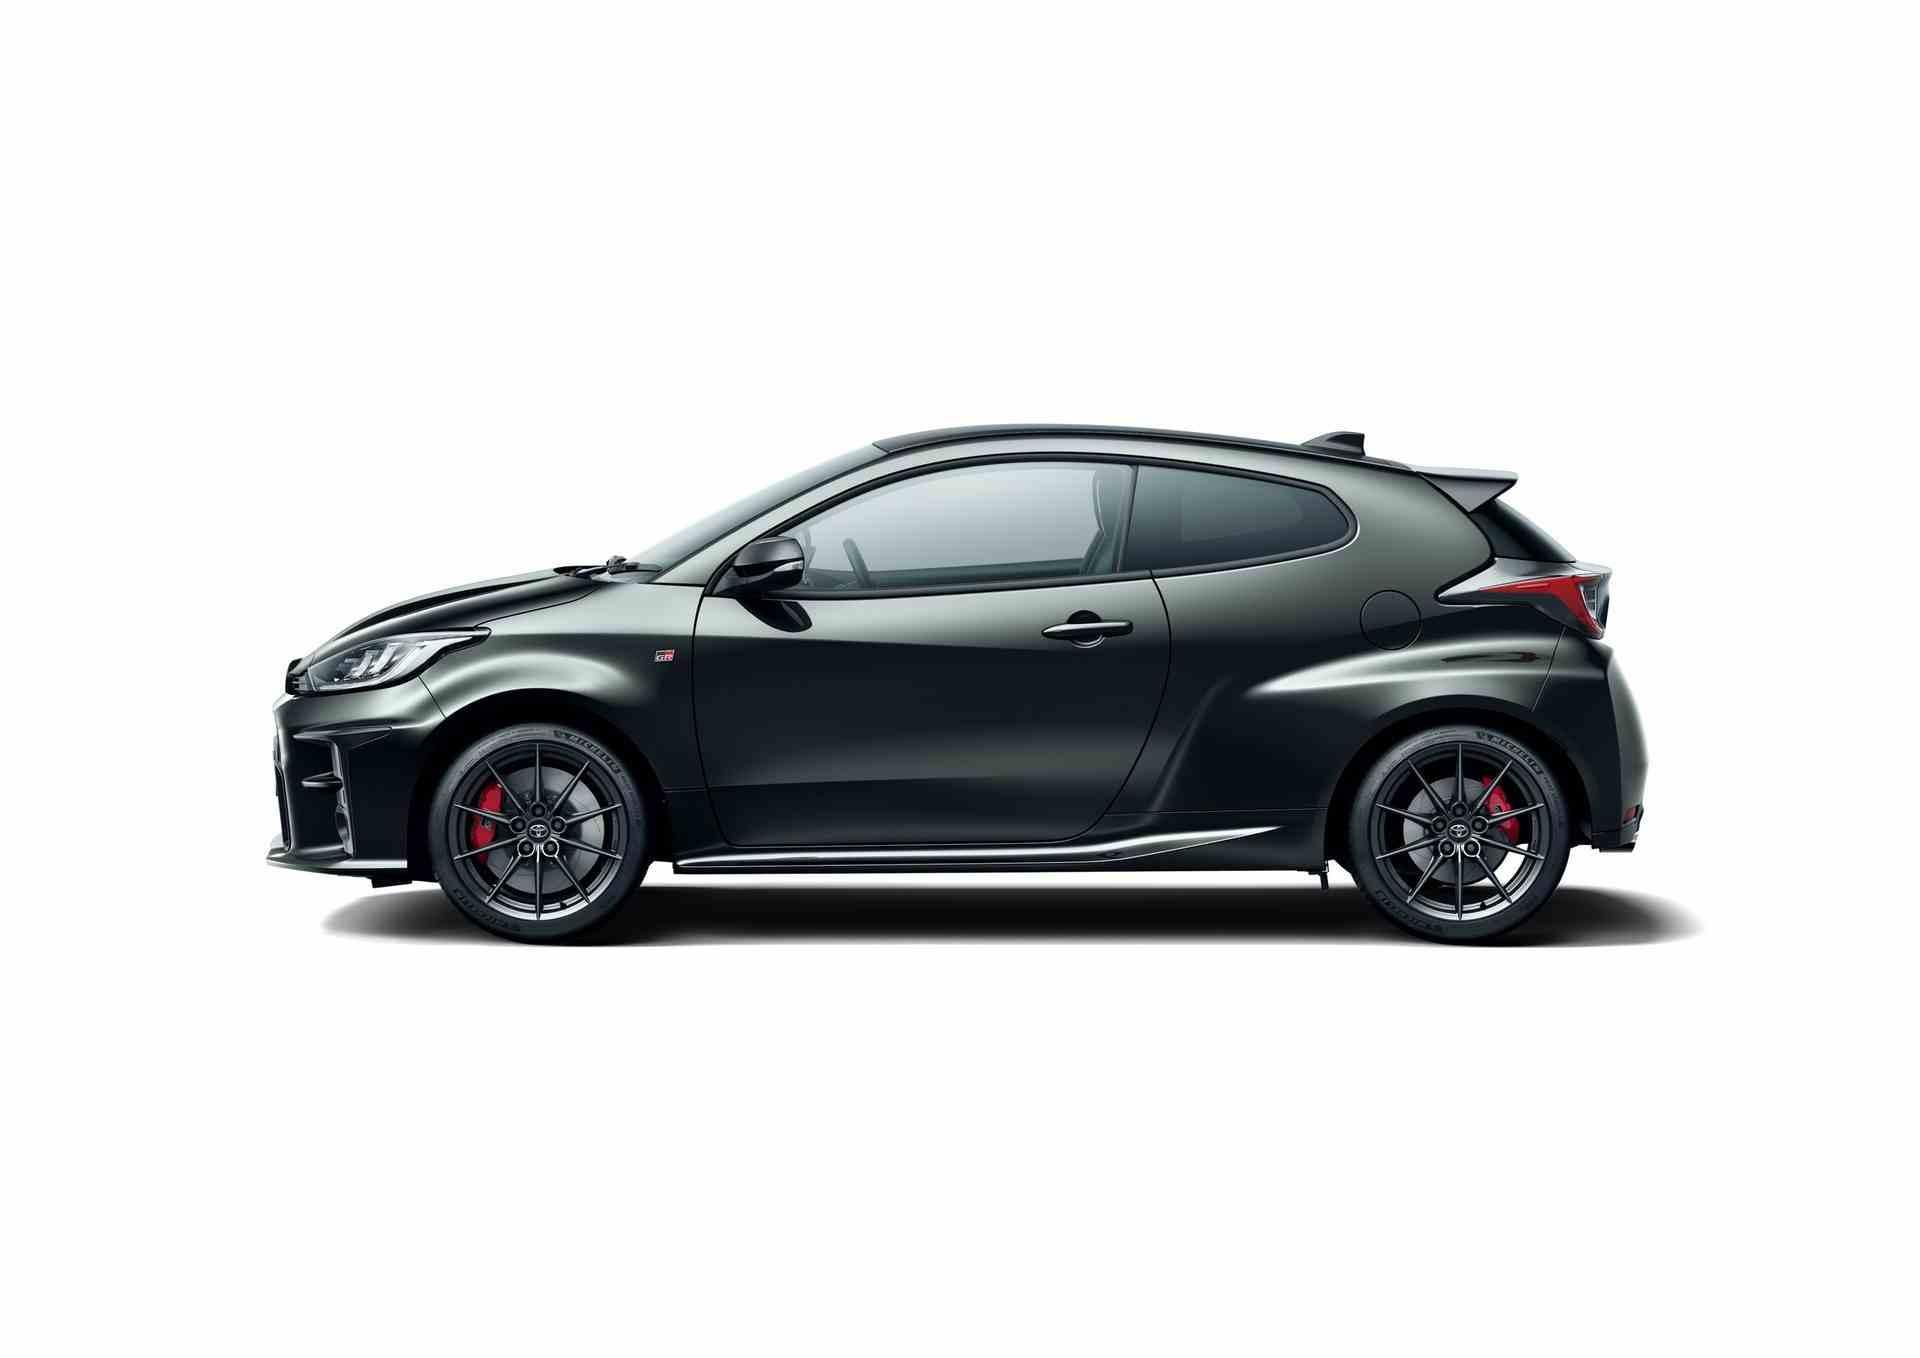 Toyota_GR_Yaris_JDM_0051